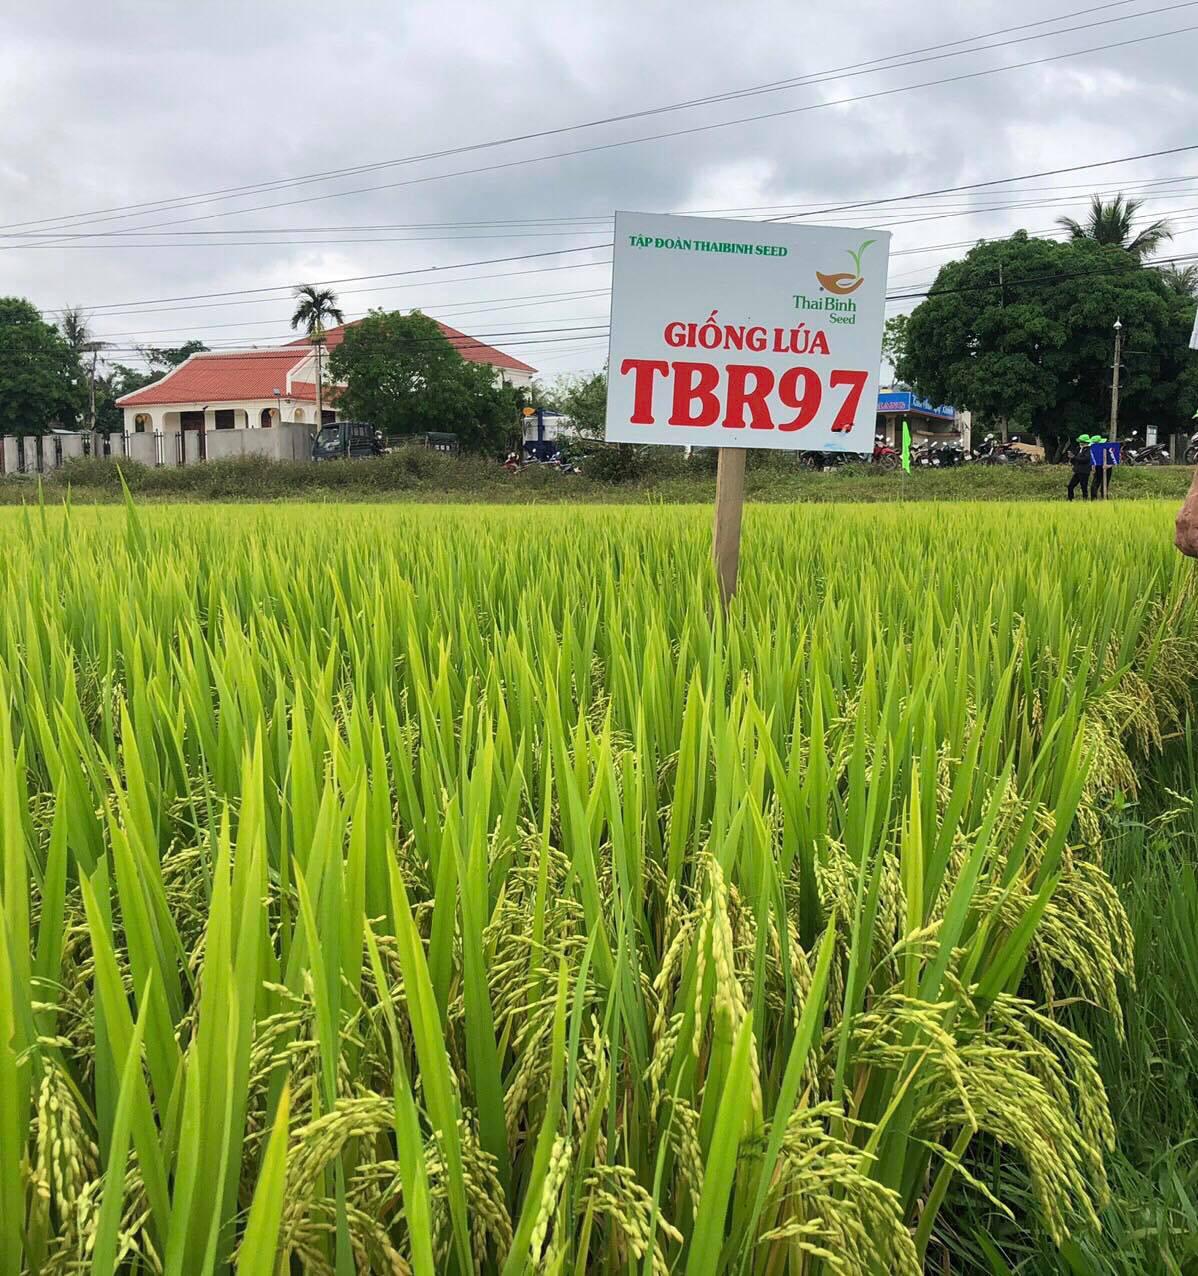 Quảng Nam: Nông dân thích thú giống lúa TBR97 với những ưu điểm vượt trội - Ảnh 2.